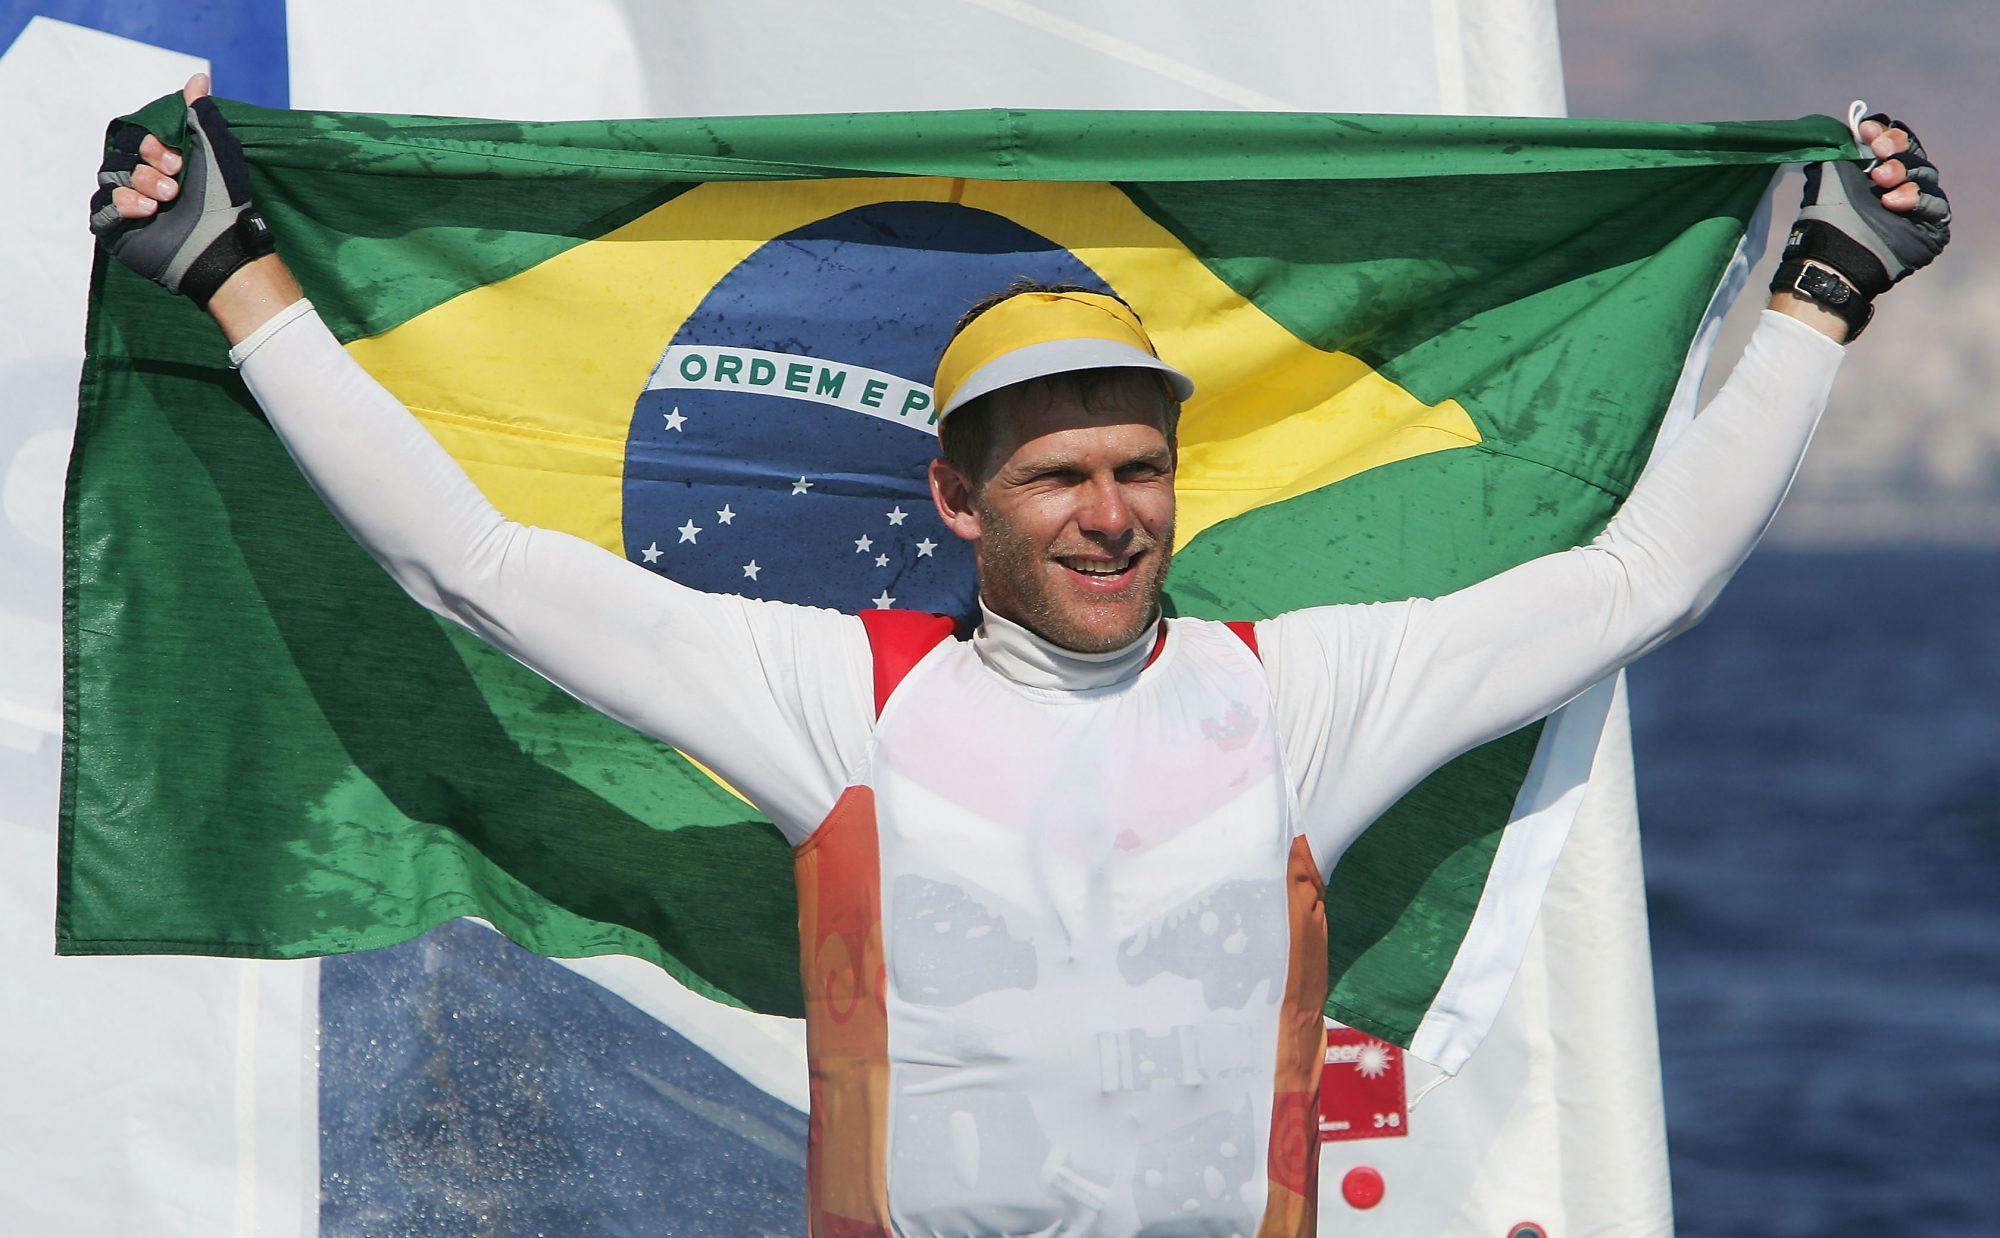 Cinco medallas hacen de este regatista el atleta más galardonado de Brasil. Fue campeón olímpico en Atlanta 1996 y Atenas 2004, ganó medallas de plata en Sídney 2000 y Pekín 2008, además de una presea de bronce en Londres 2012.